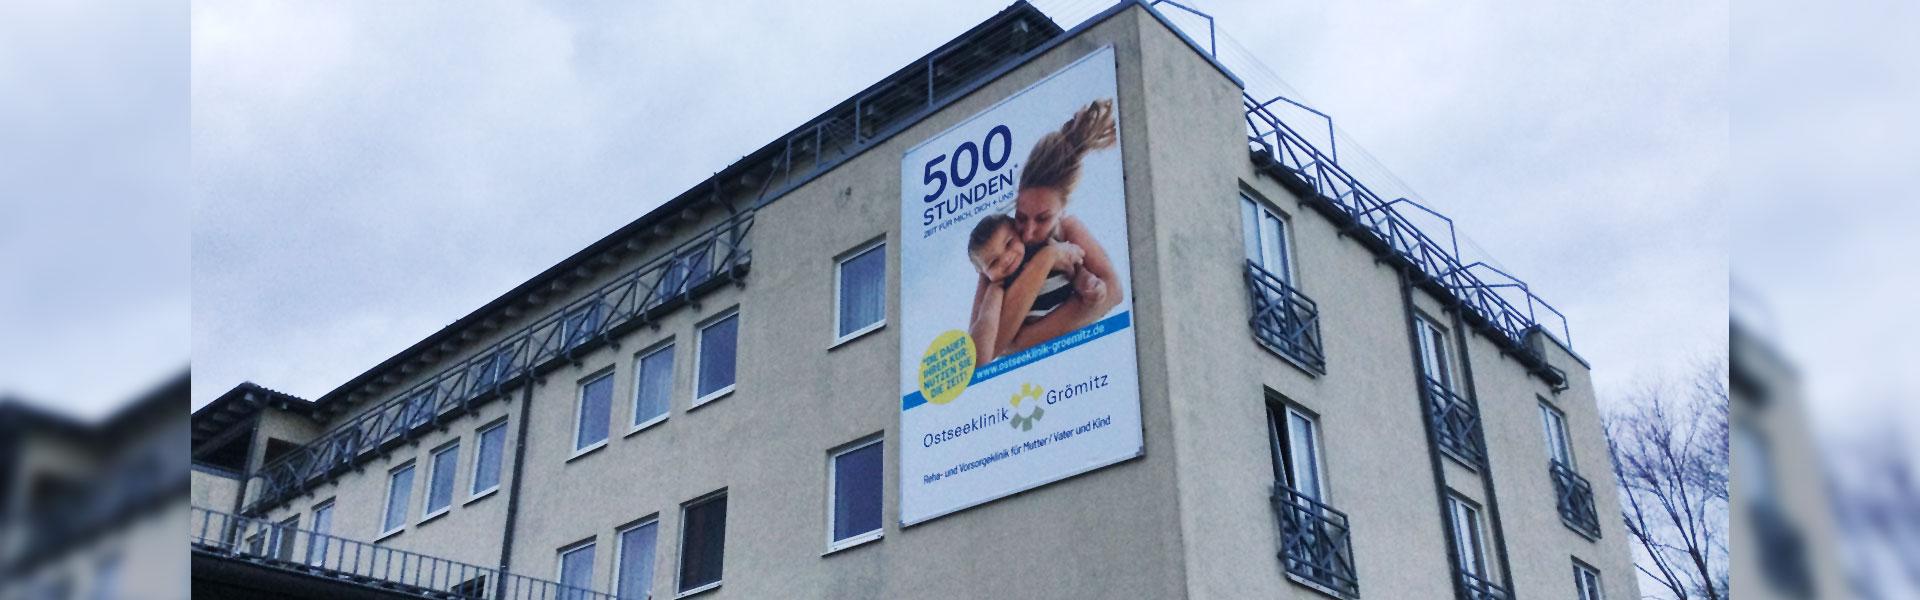 Unser Kederrahmen+ für die neue Fassadenwerbung der Ostseeklinik Grömitz